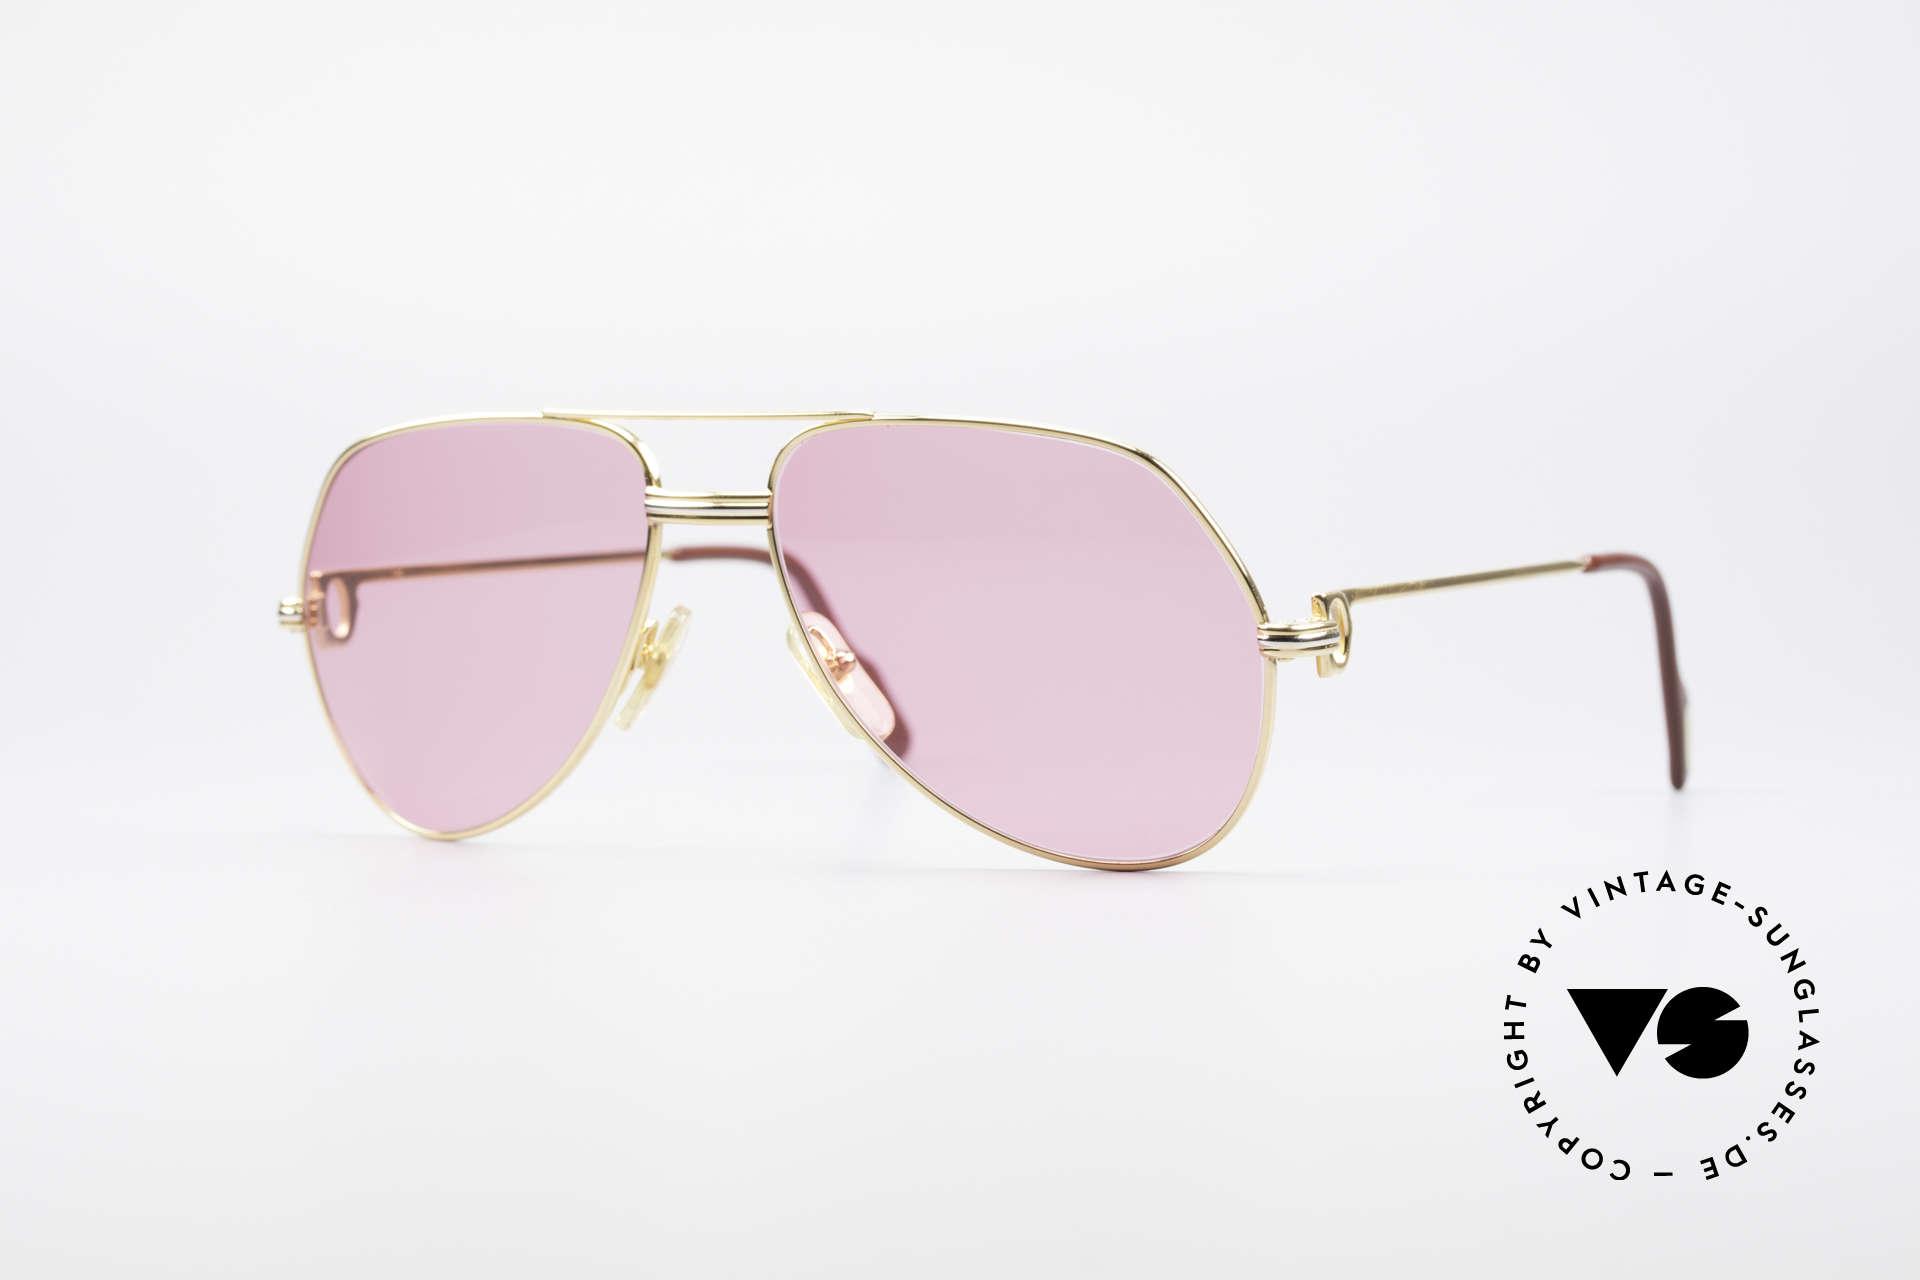 Cartier Vendome LC - M Michael Douglas Sonnenbrille, Vendome = das berühmteste Brillendesign von CARTIER, Passend für Herren und Damen